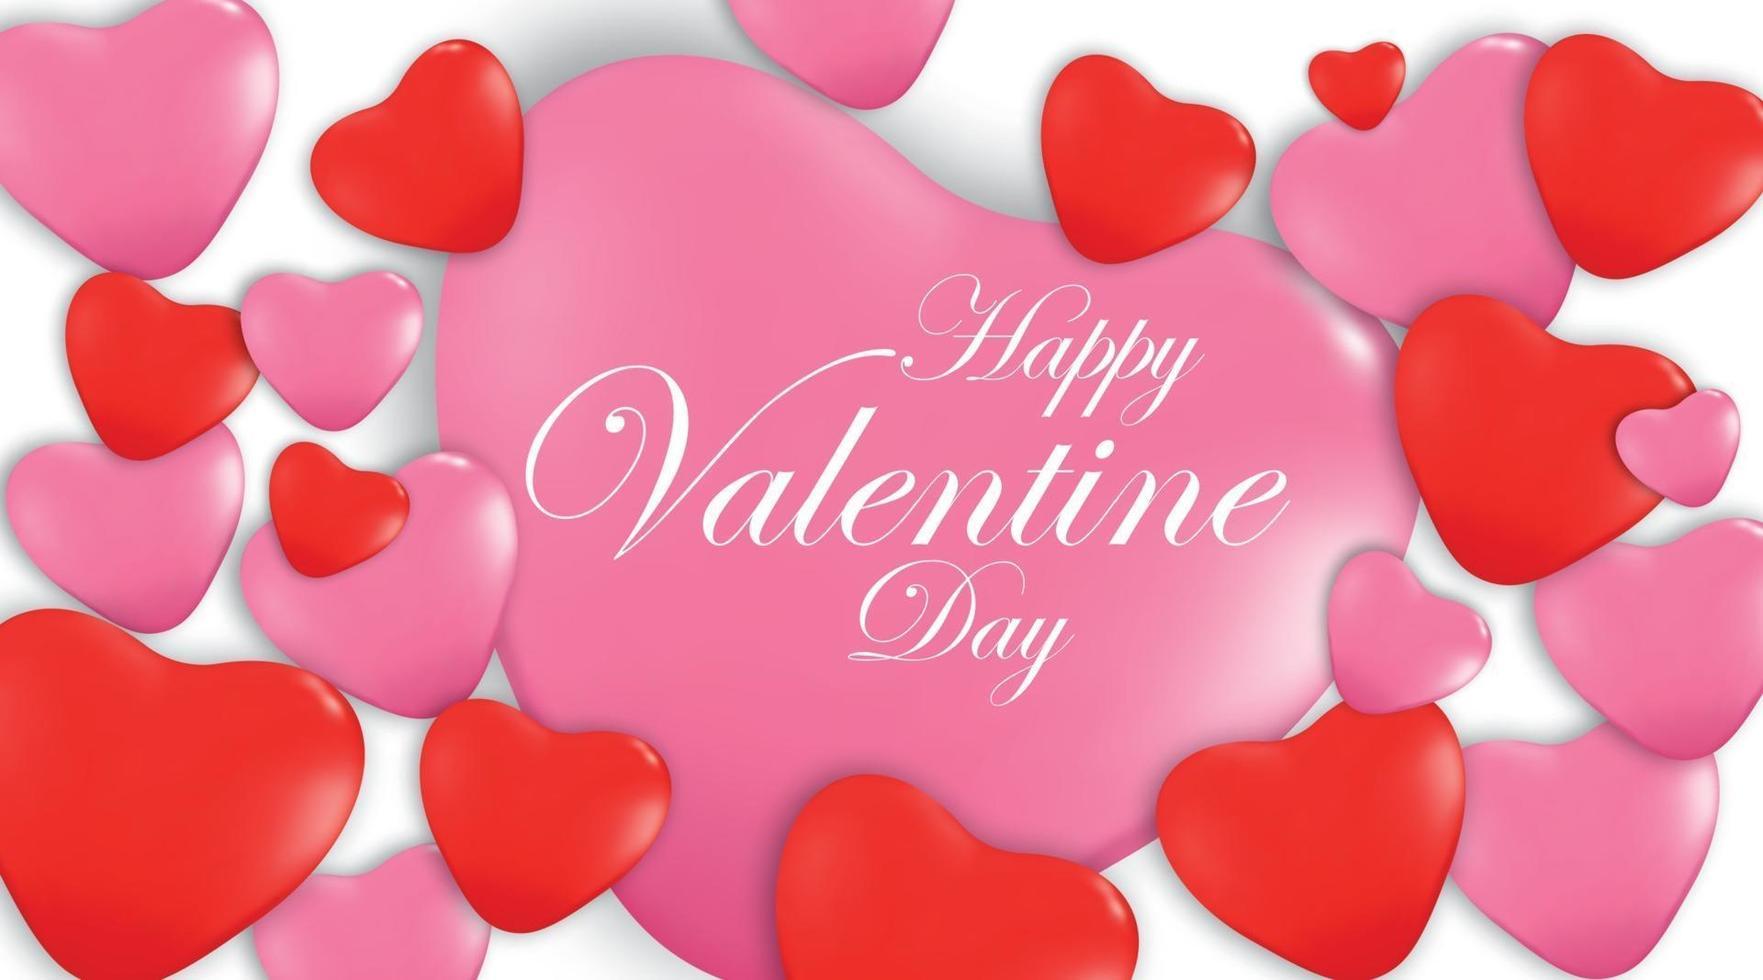 banner de parabéns do feliz dia dos namorados com formas de coração 3D vermelho e rosa - ilustração vetorial vetor